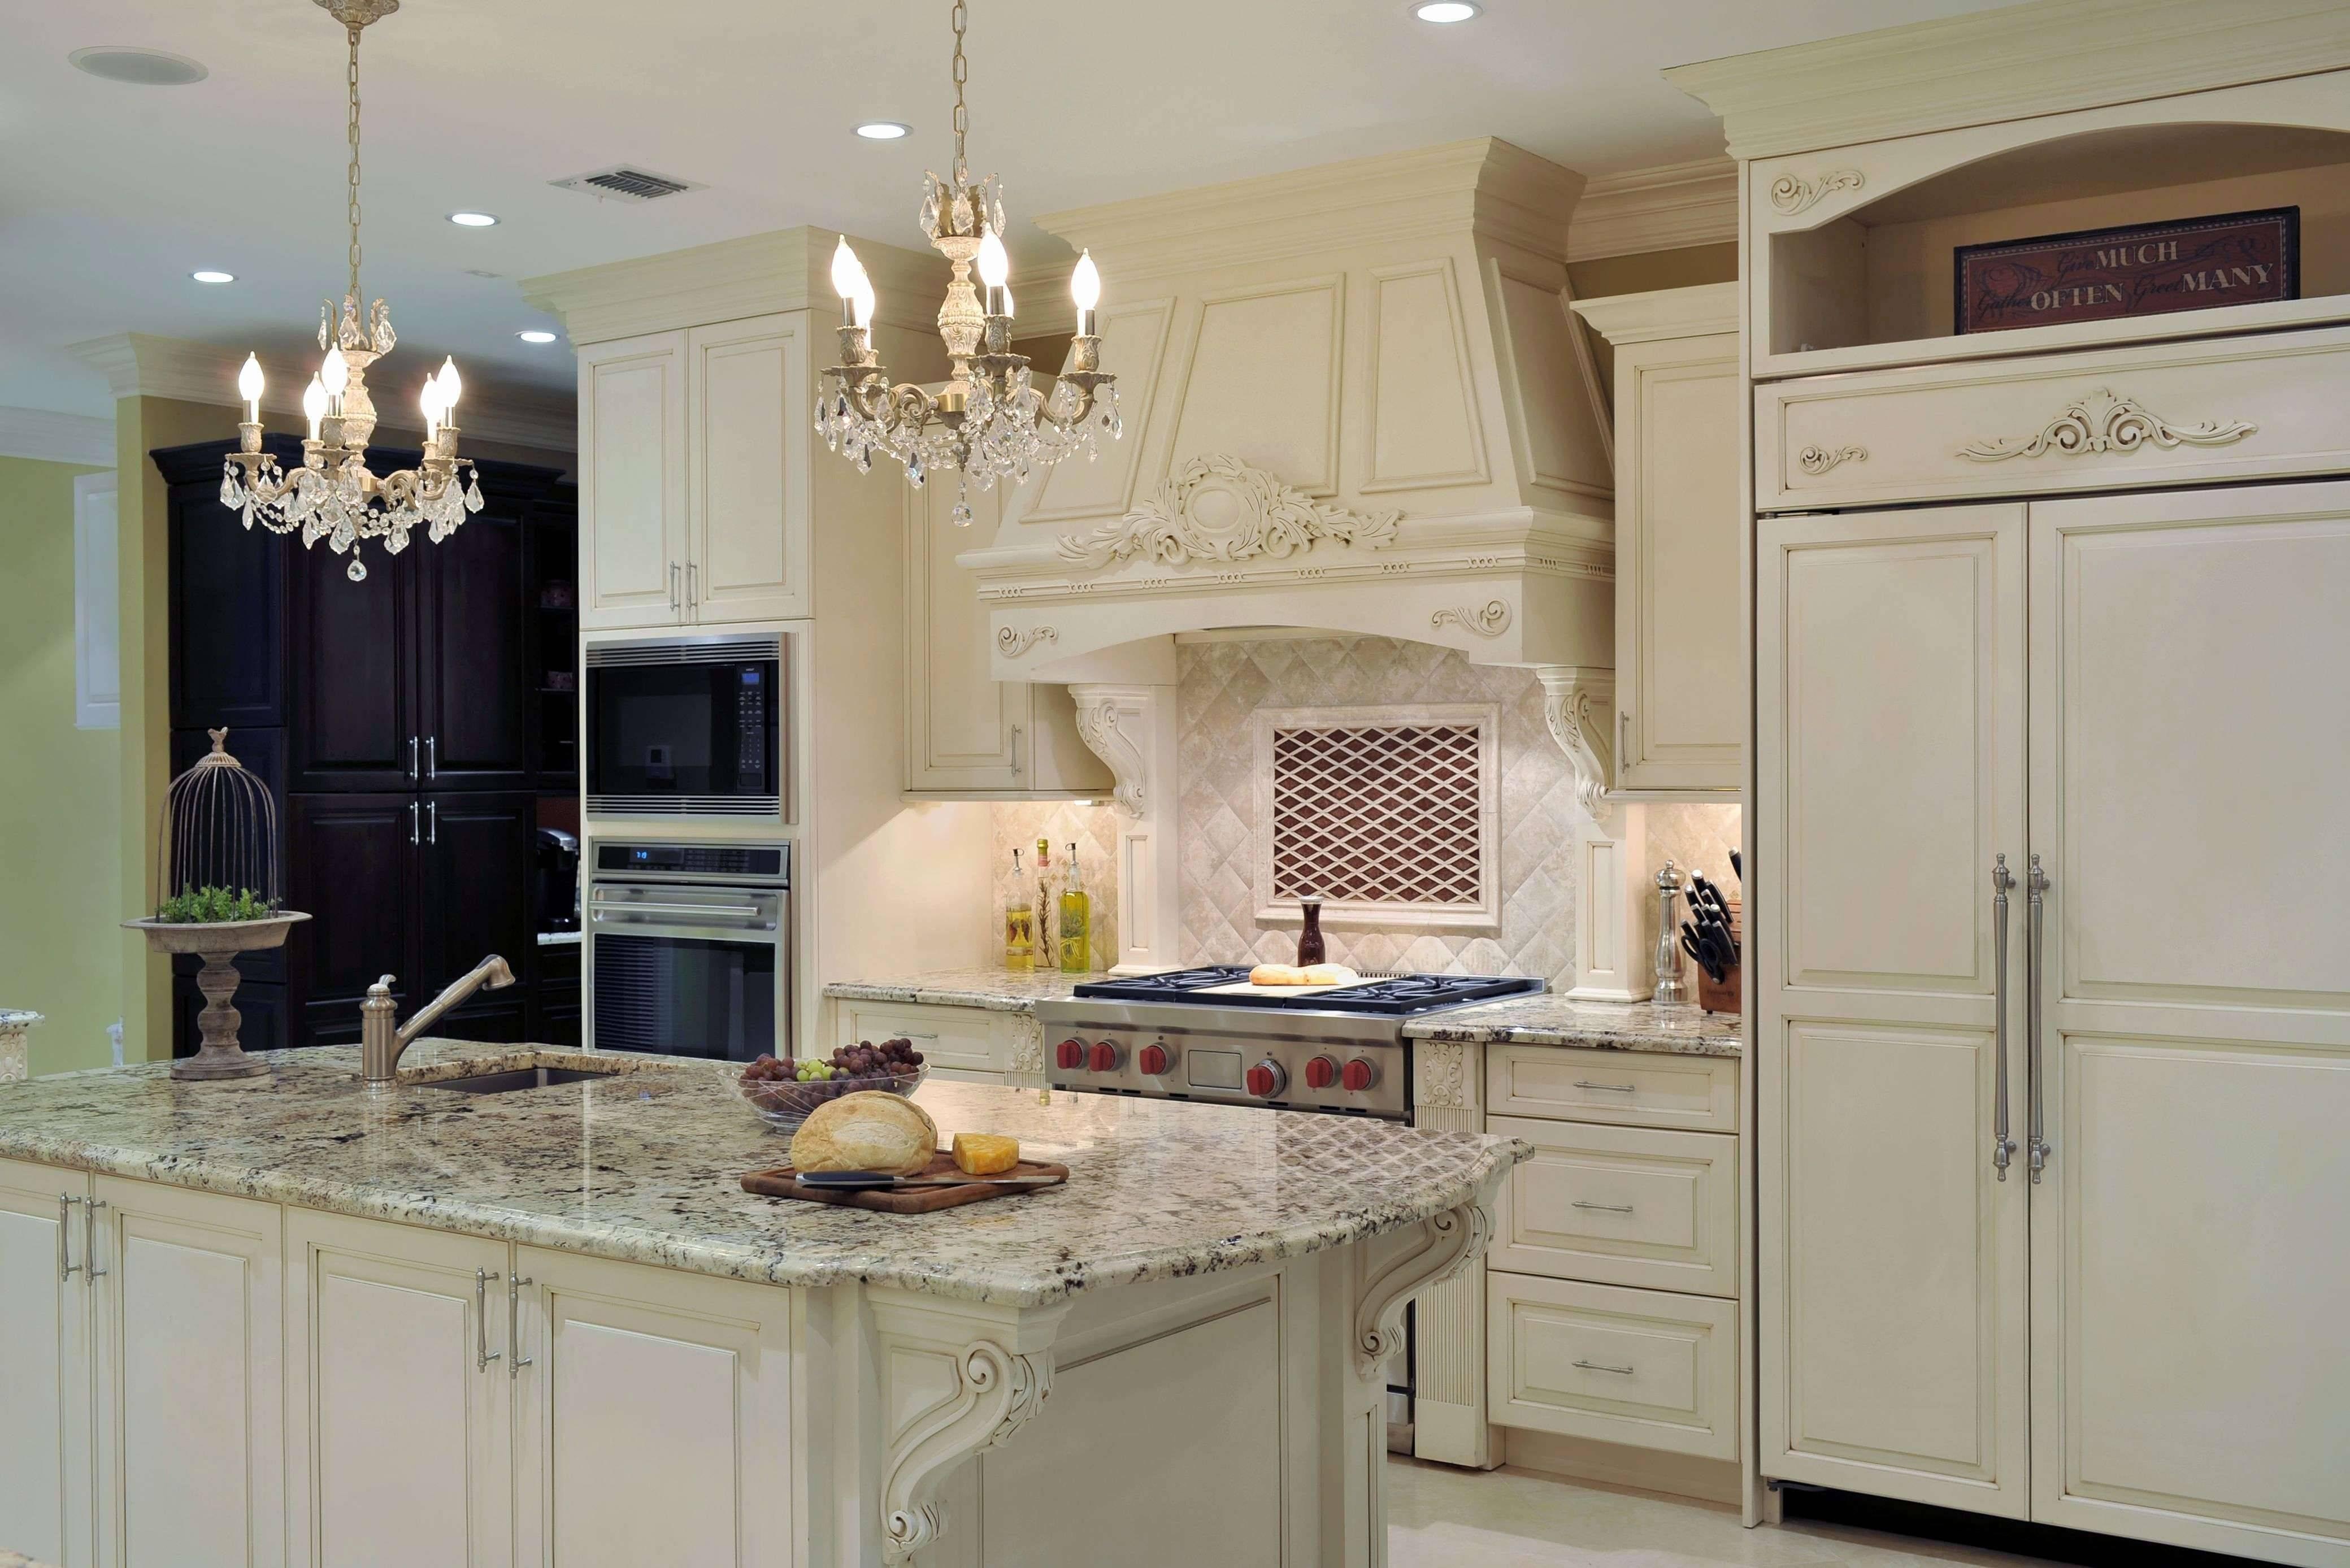 awesome kitchen backsplash design gallery of pretty kitchen backsplashes